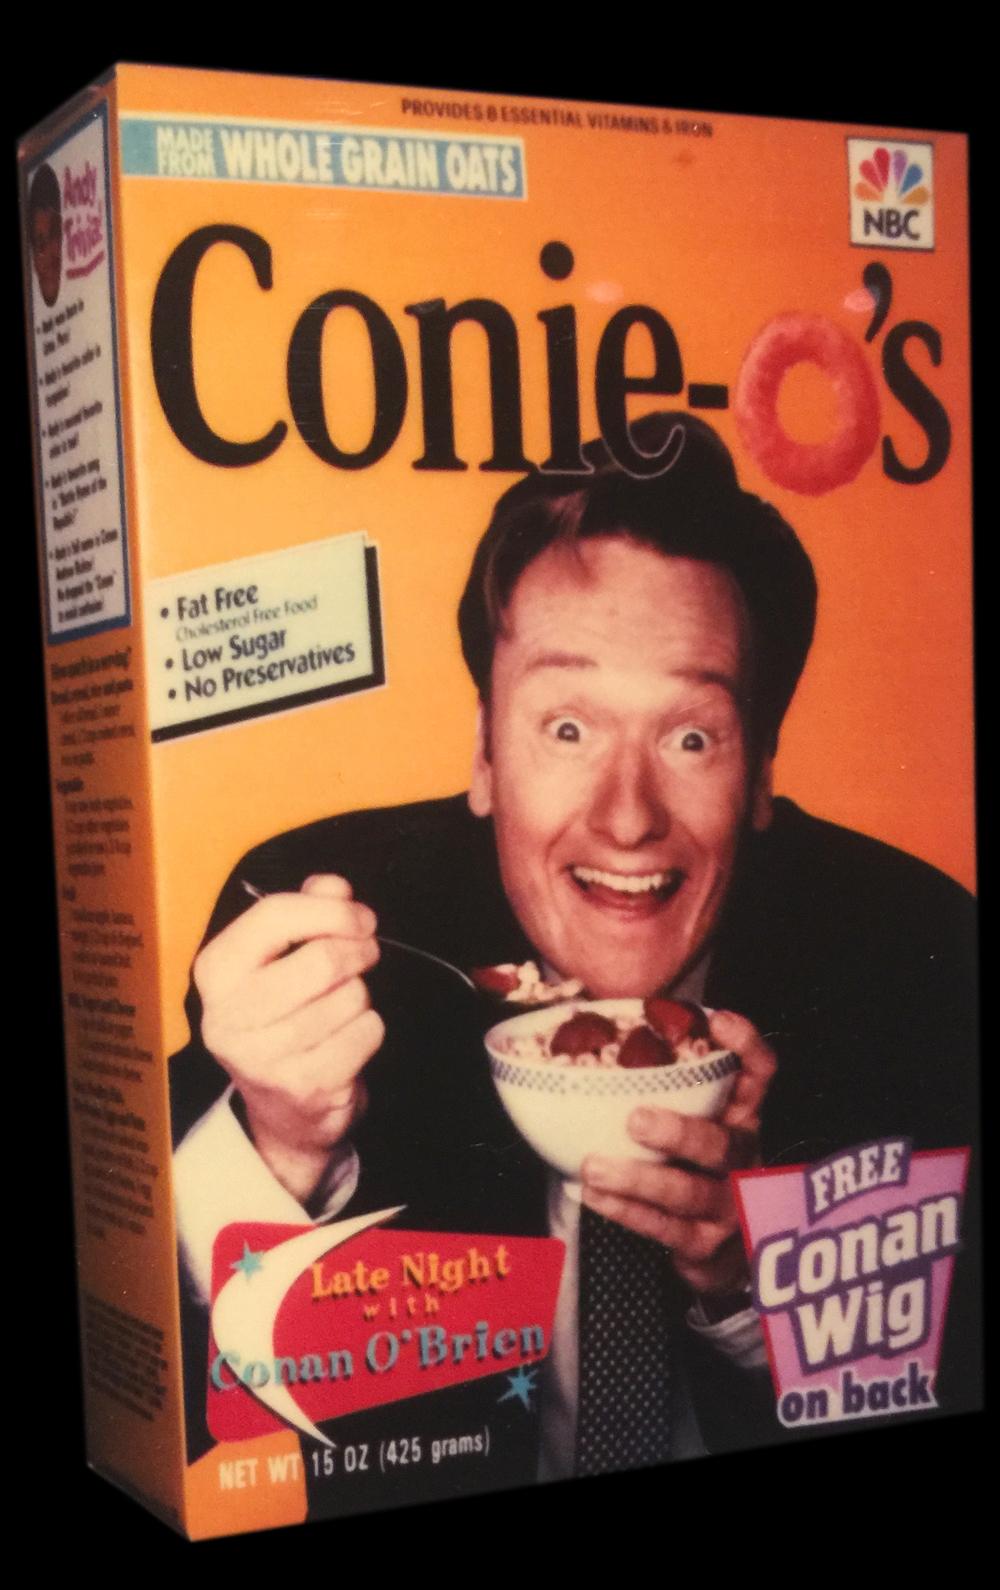 Conie-Os_cerealbox.jpg